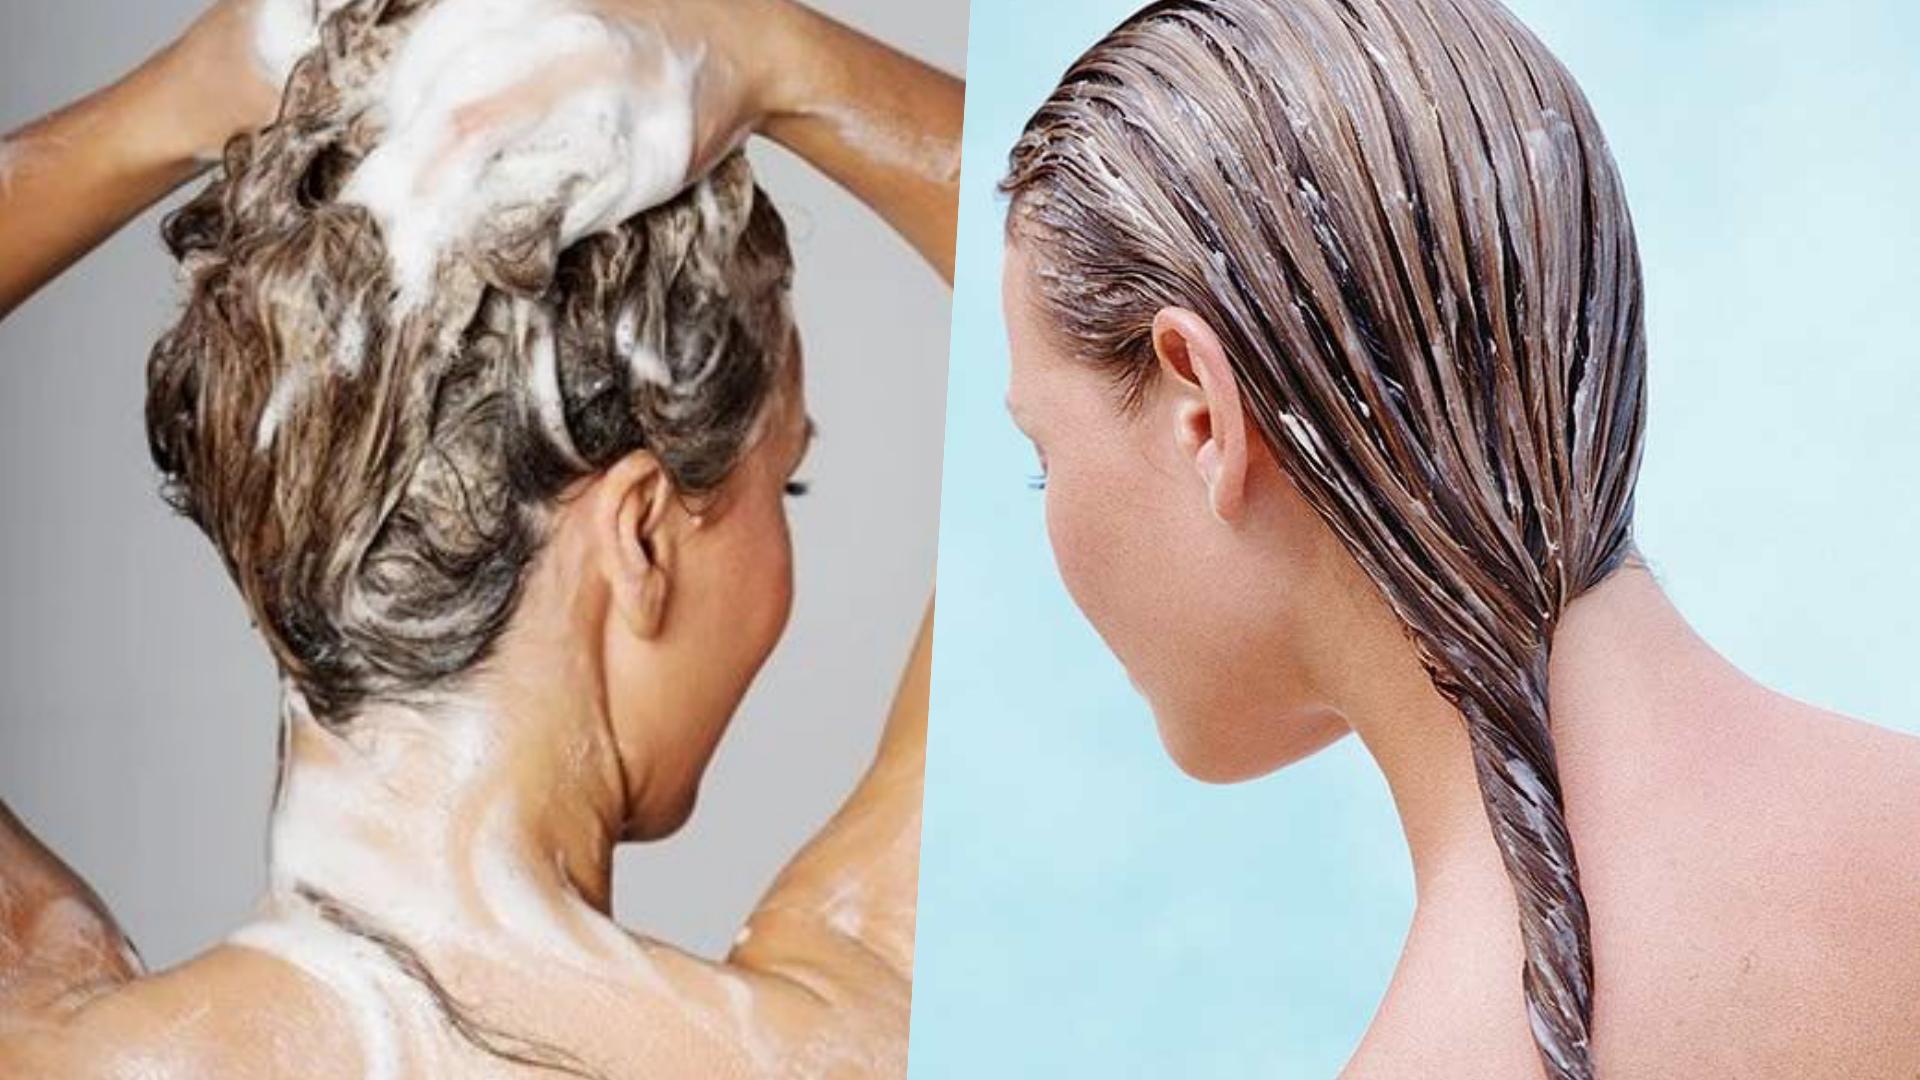 洗護產品不是越滋潤越好,要根據自己的頭皮狀況而定。